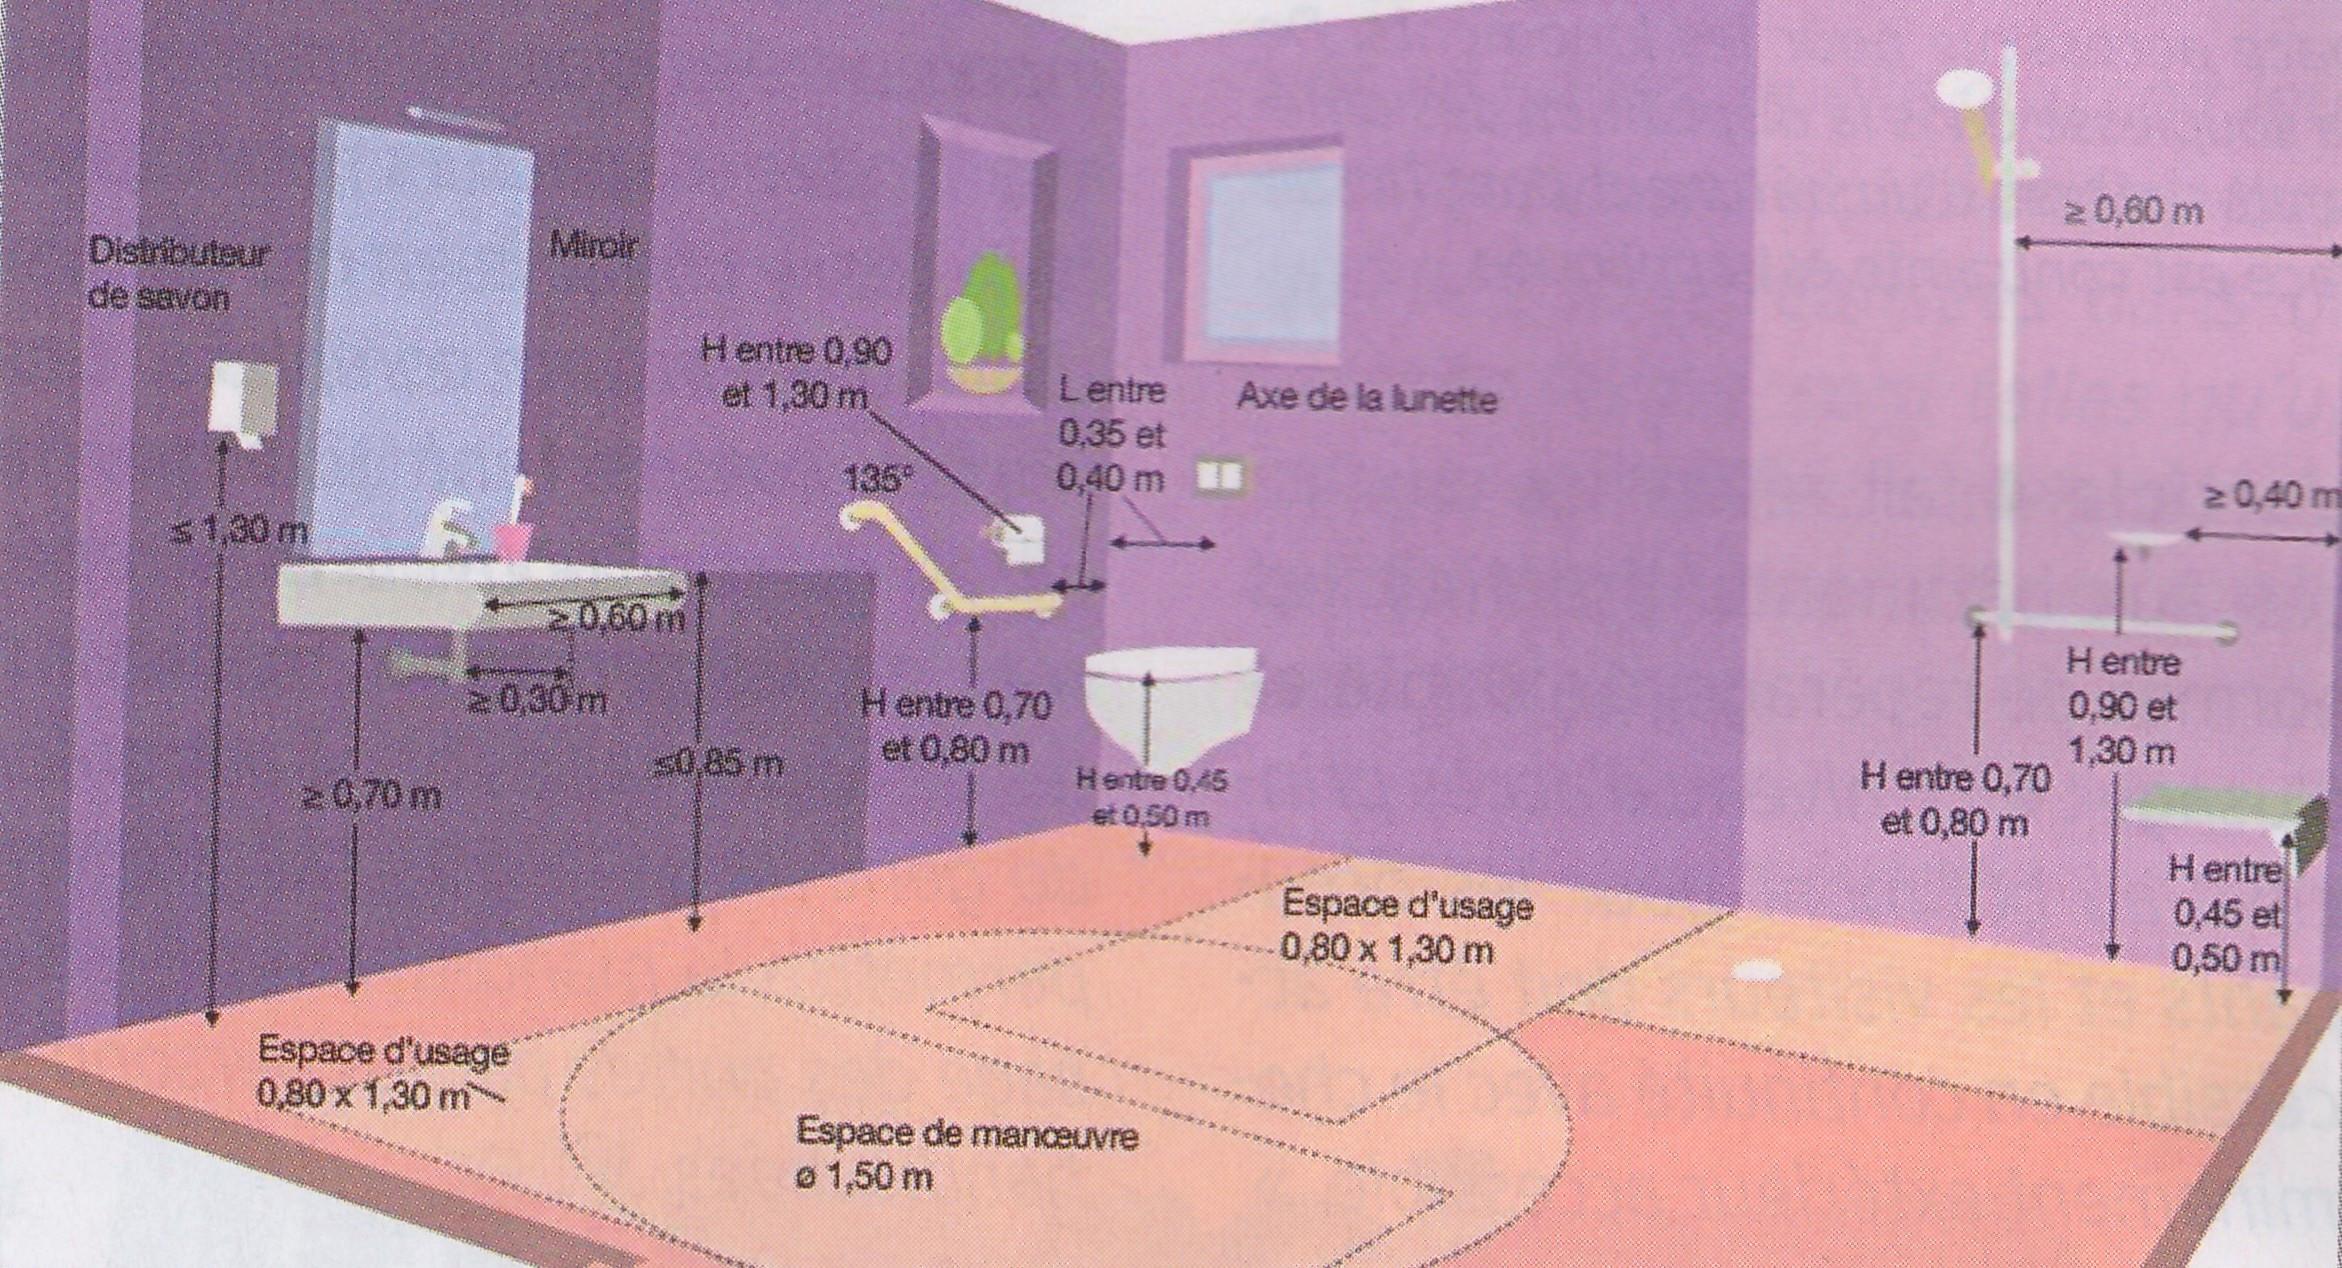 impressionnant chaise de bain pour handicape norme douche handicape luxe galerie saale dentaltechnik gmbh co kg re mandations